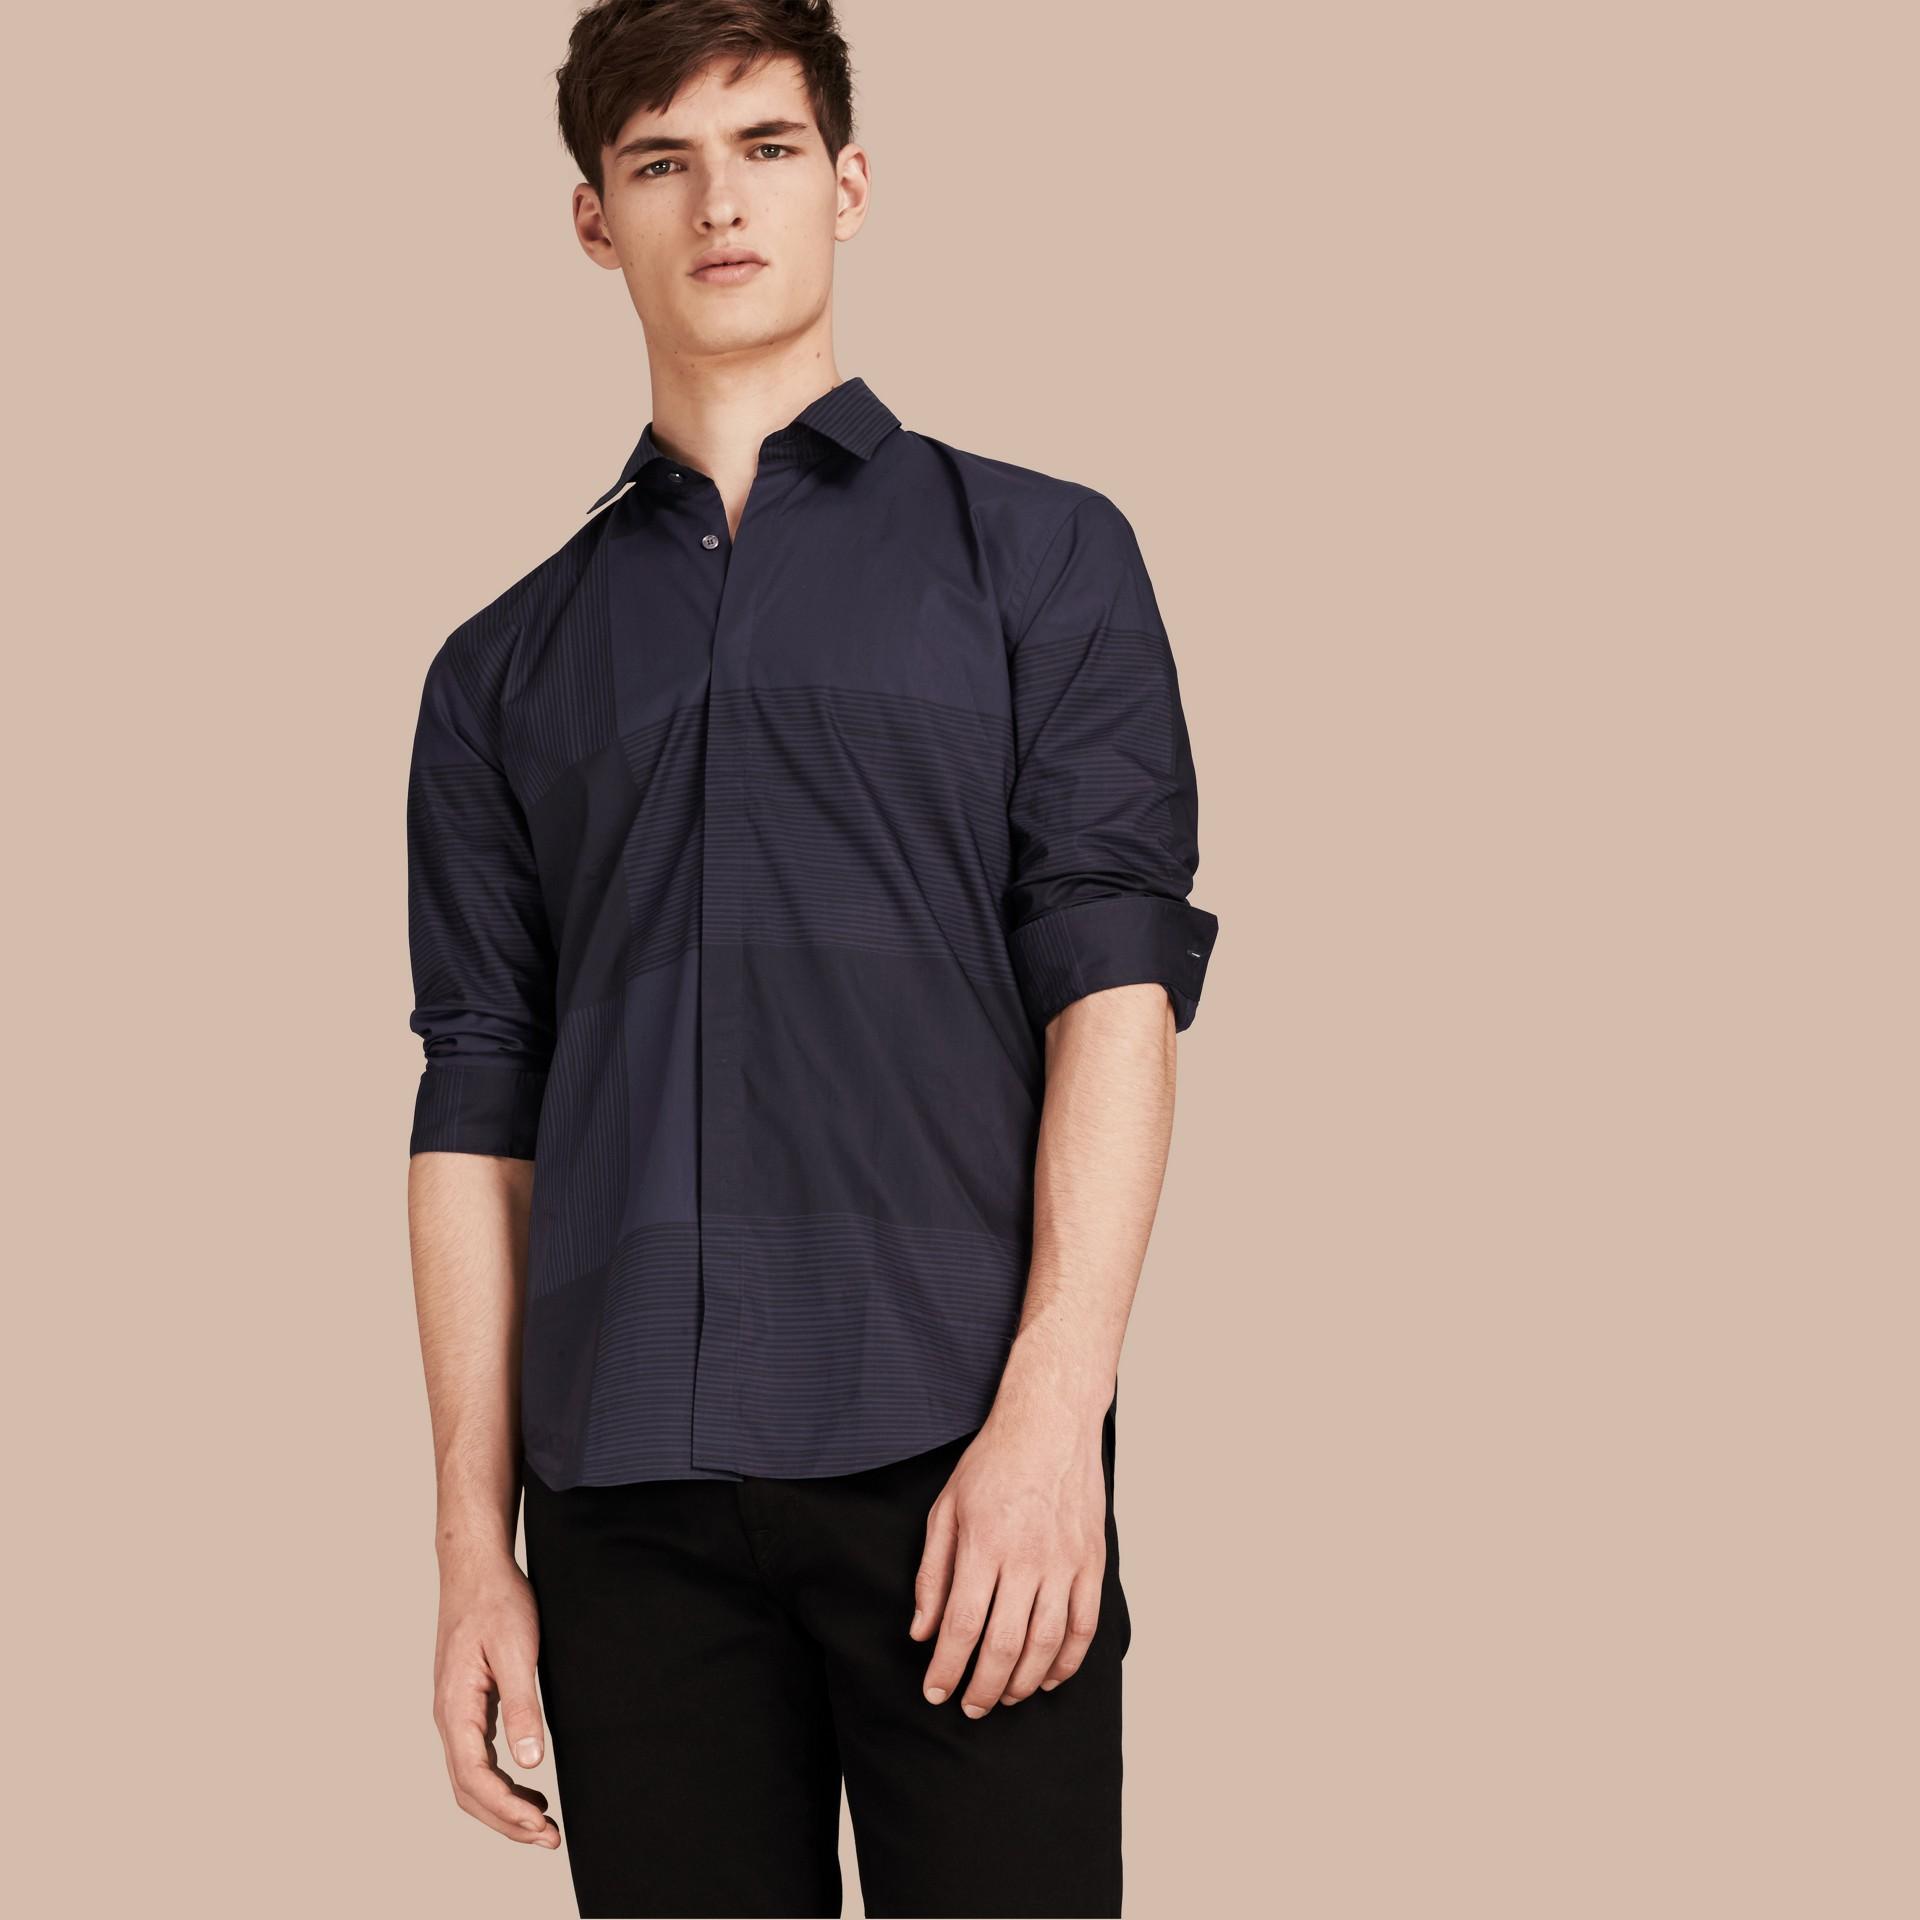 海軍藍 格紋棉質襯衫 海軍藍 - 圖庫照片 1